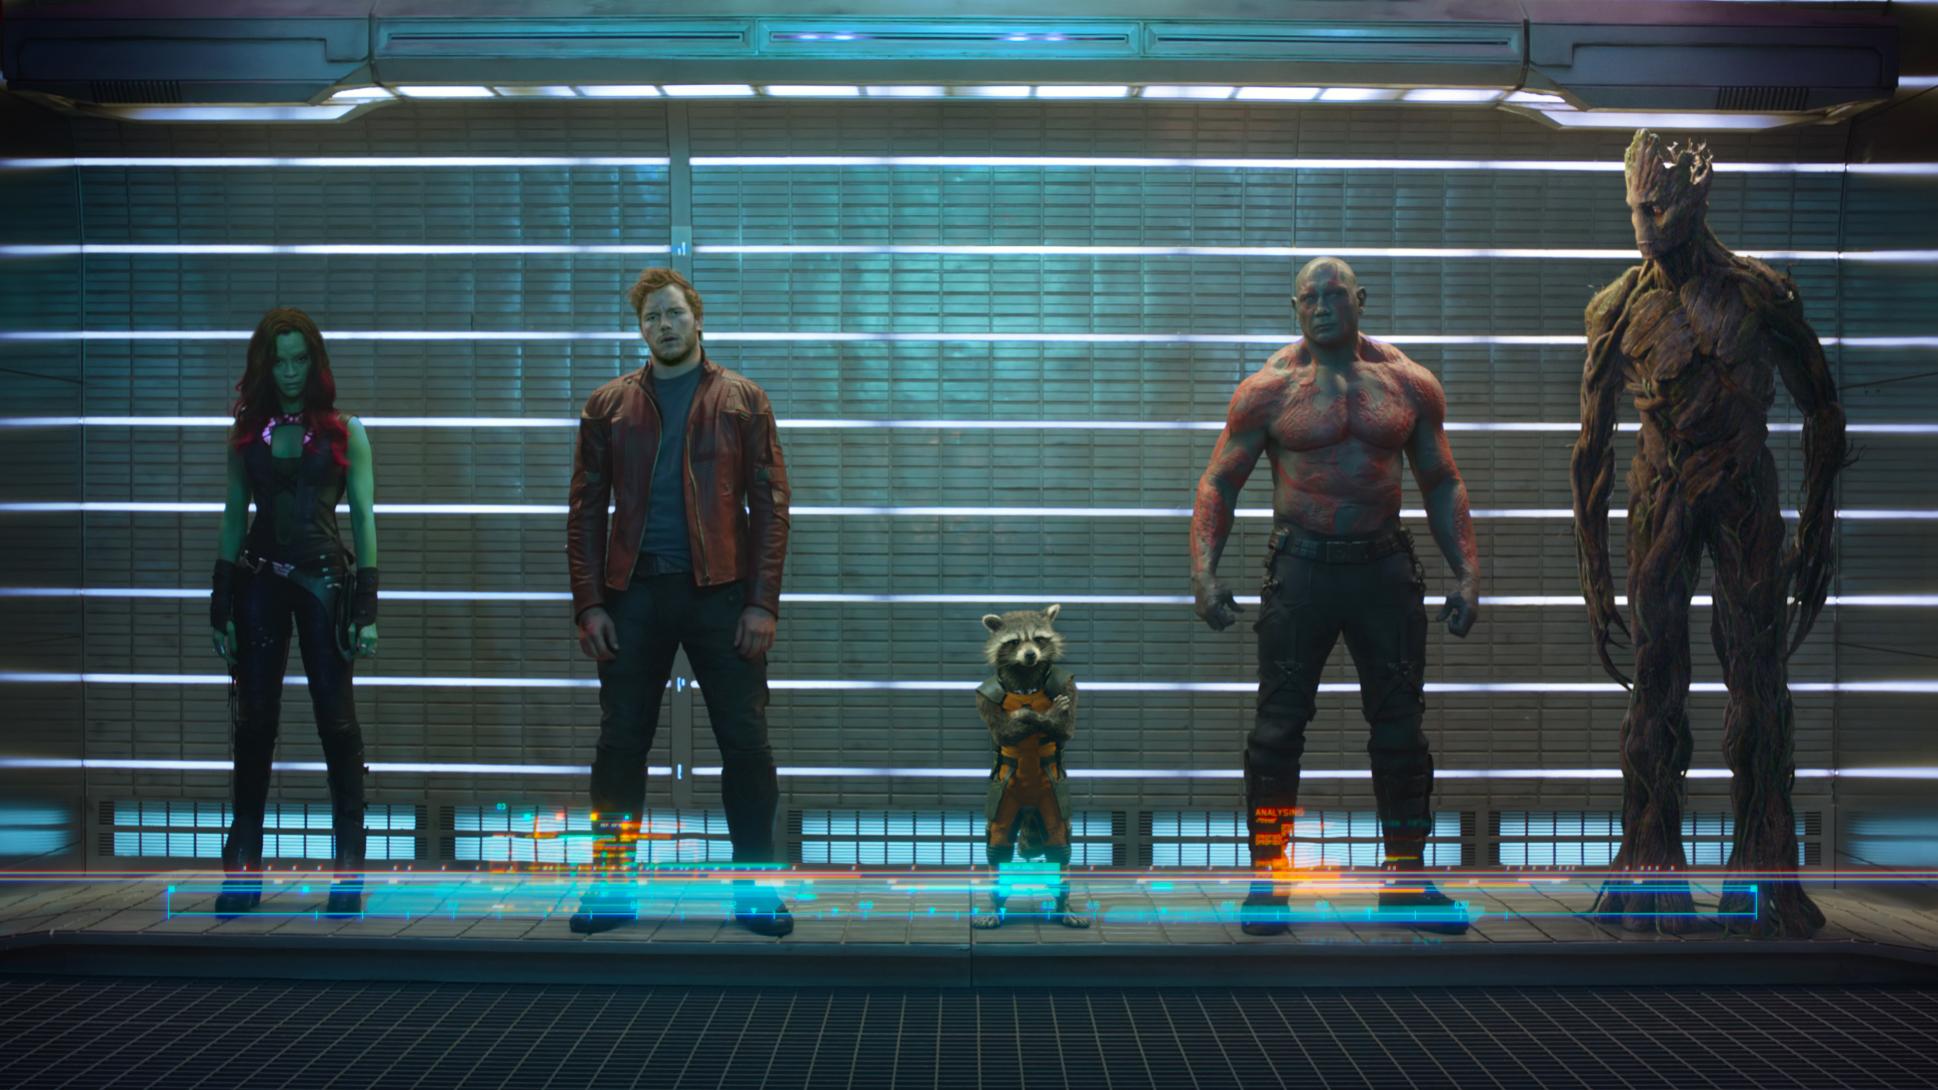 guardians of the galaxy ile ilgili görsel sonucu